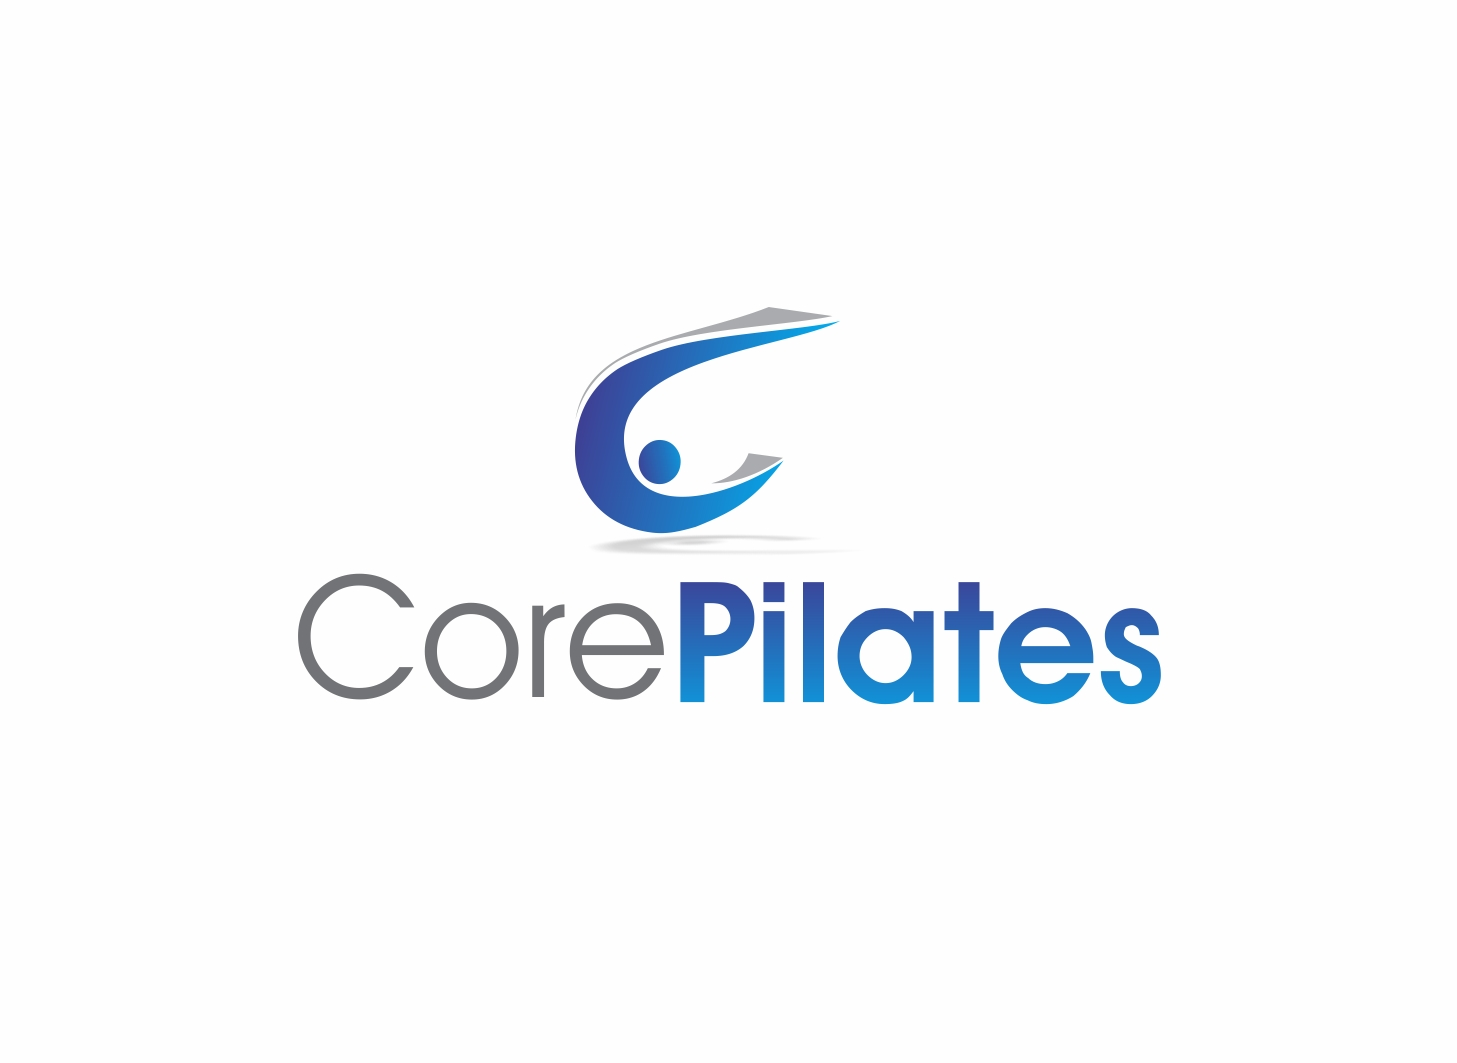 Logo Design by Zdravko Krulj - Entry No. 31 in the Logo Design Contest Core Pilates Logo Design.